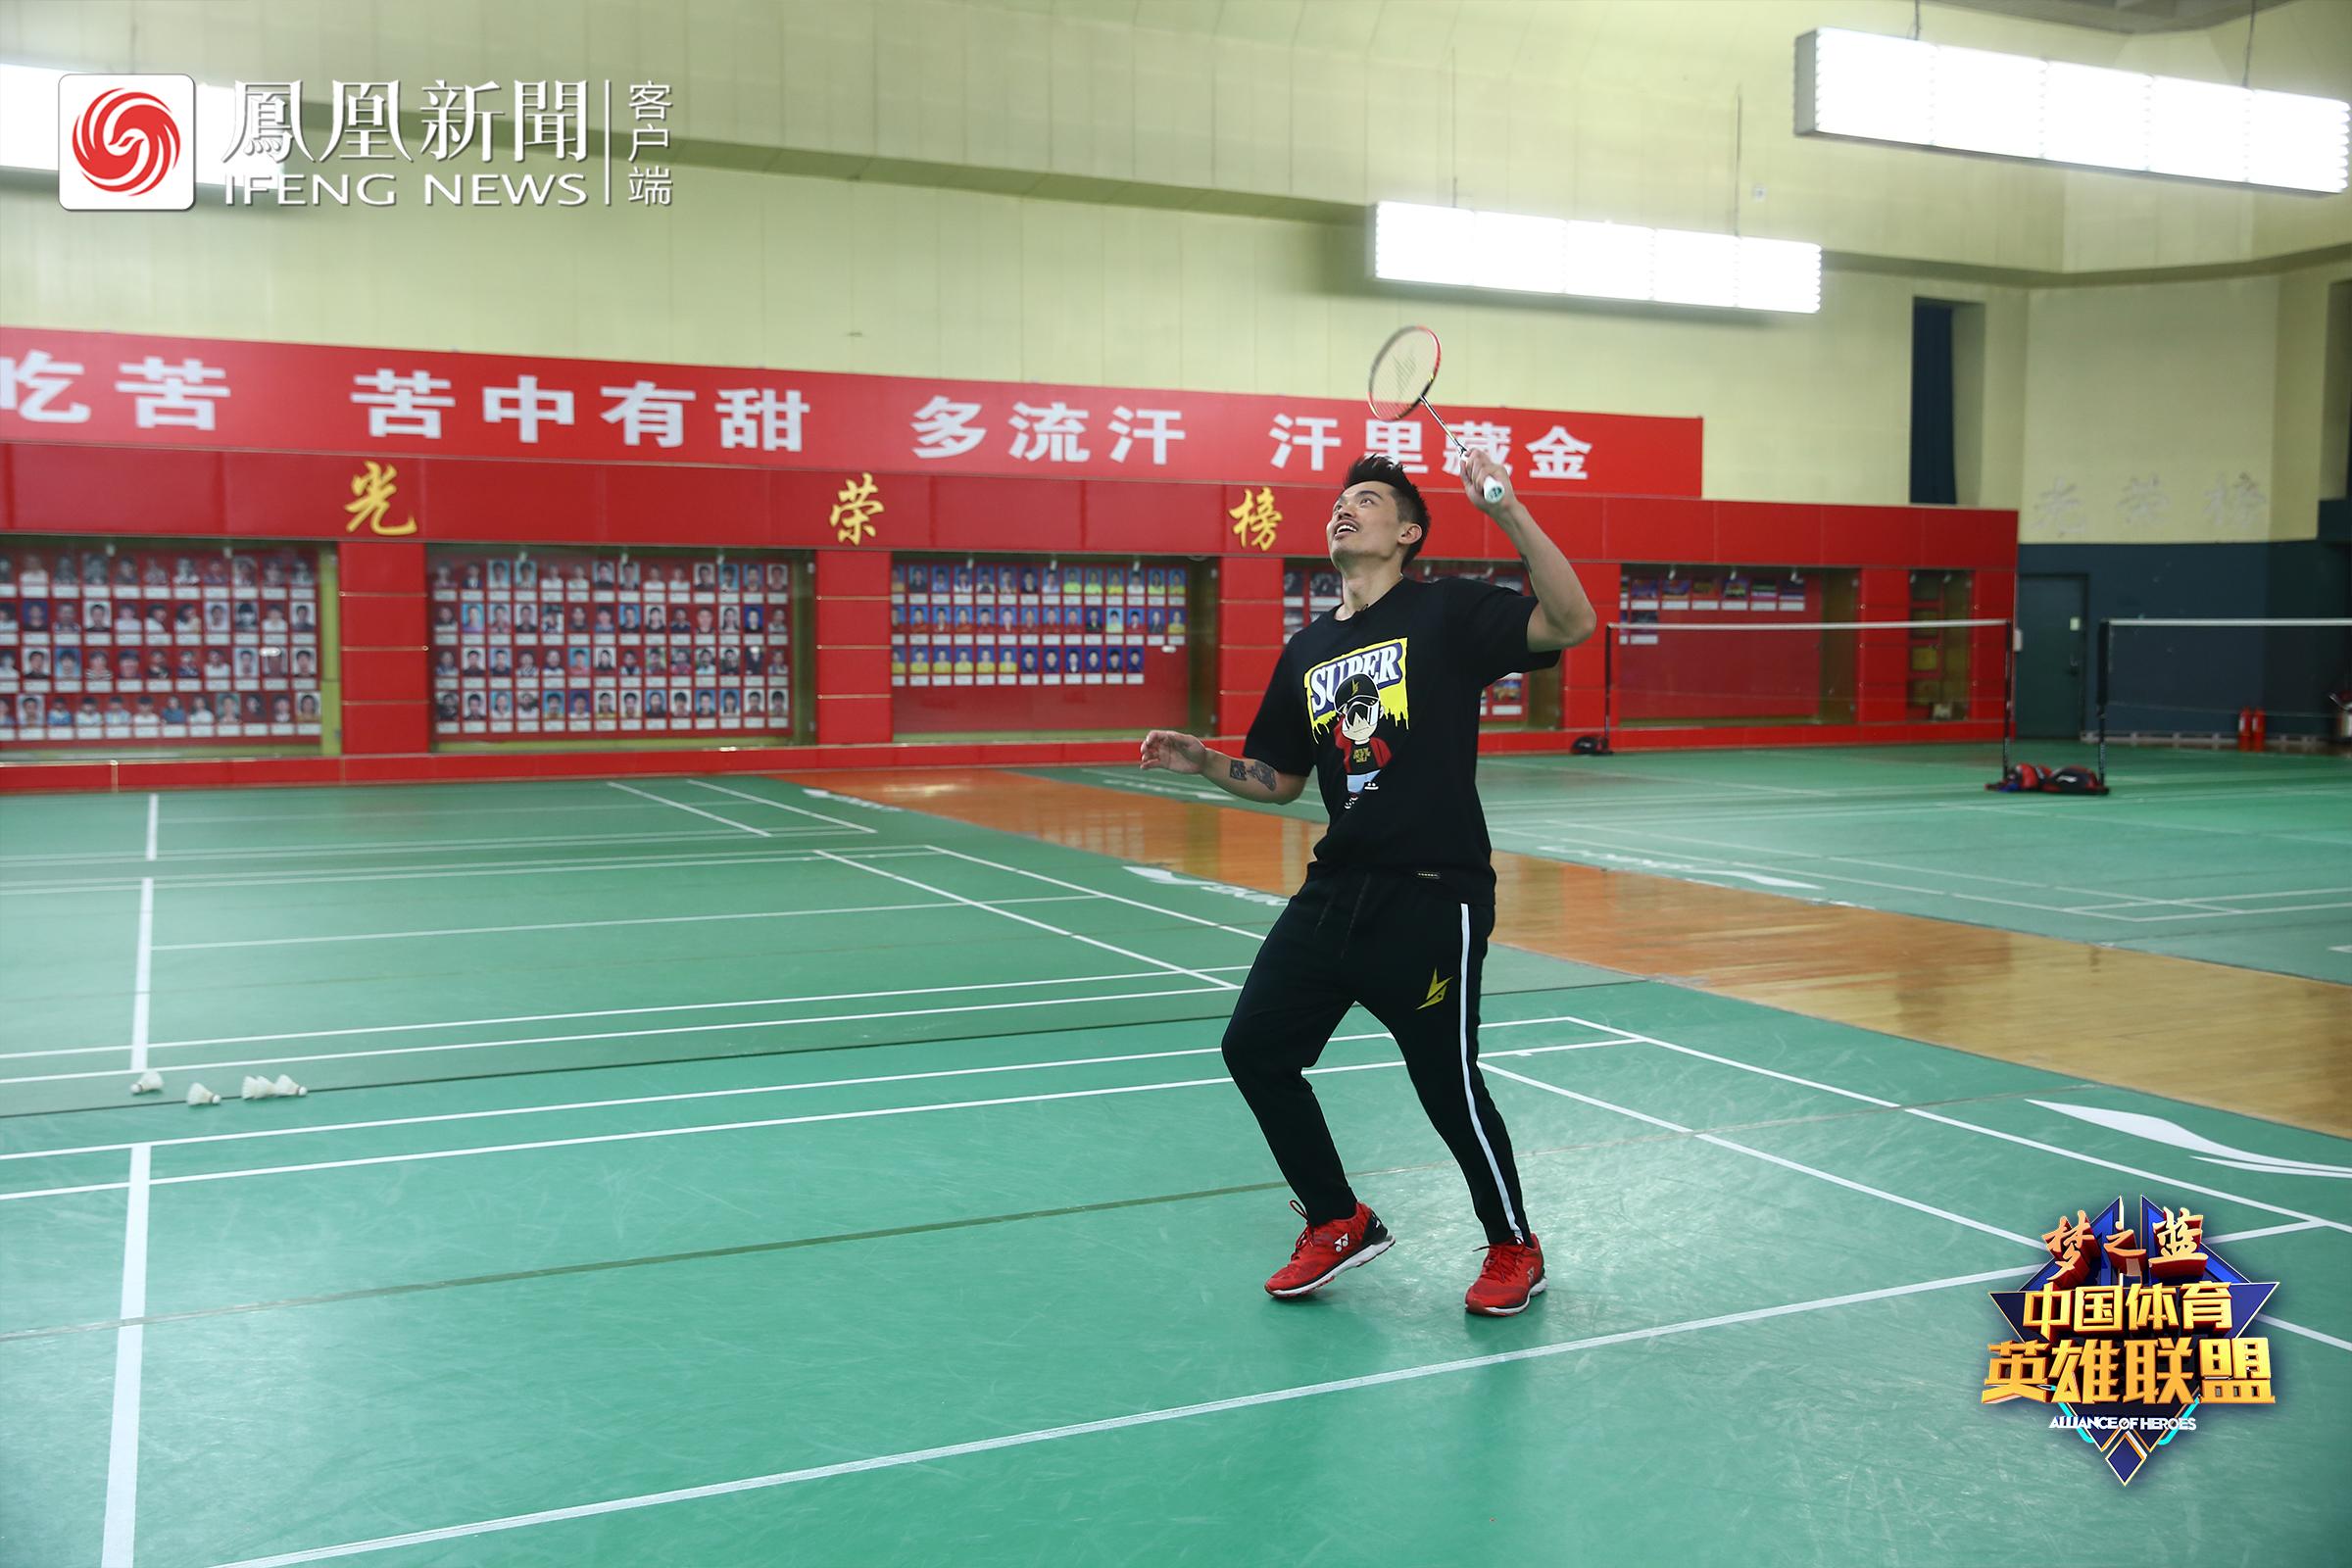 林丹羽毛球对战邓亚萍险胜